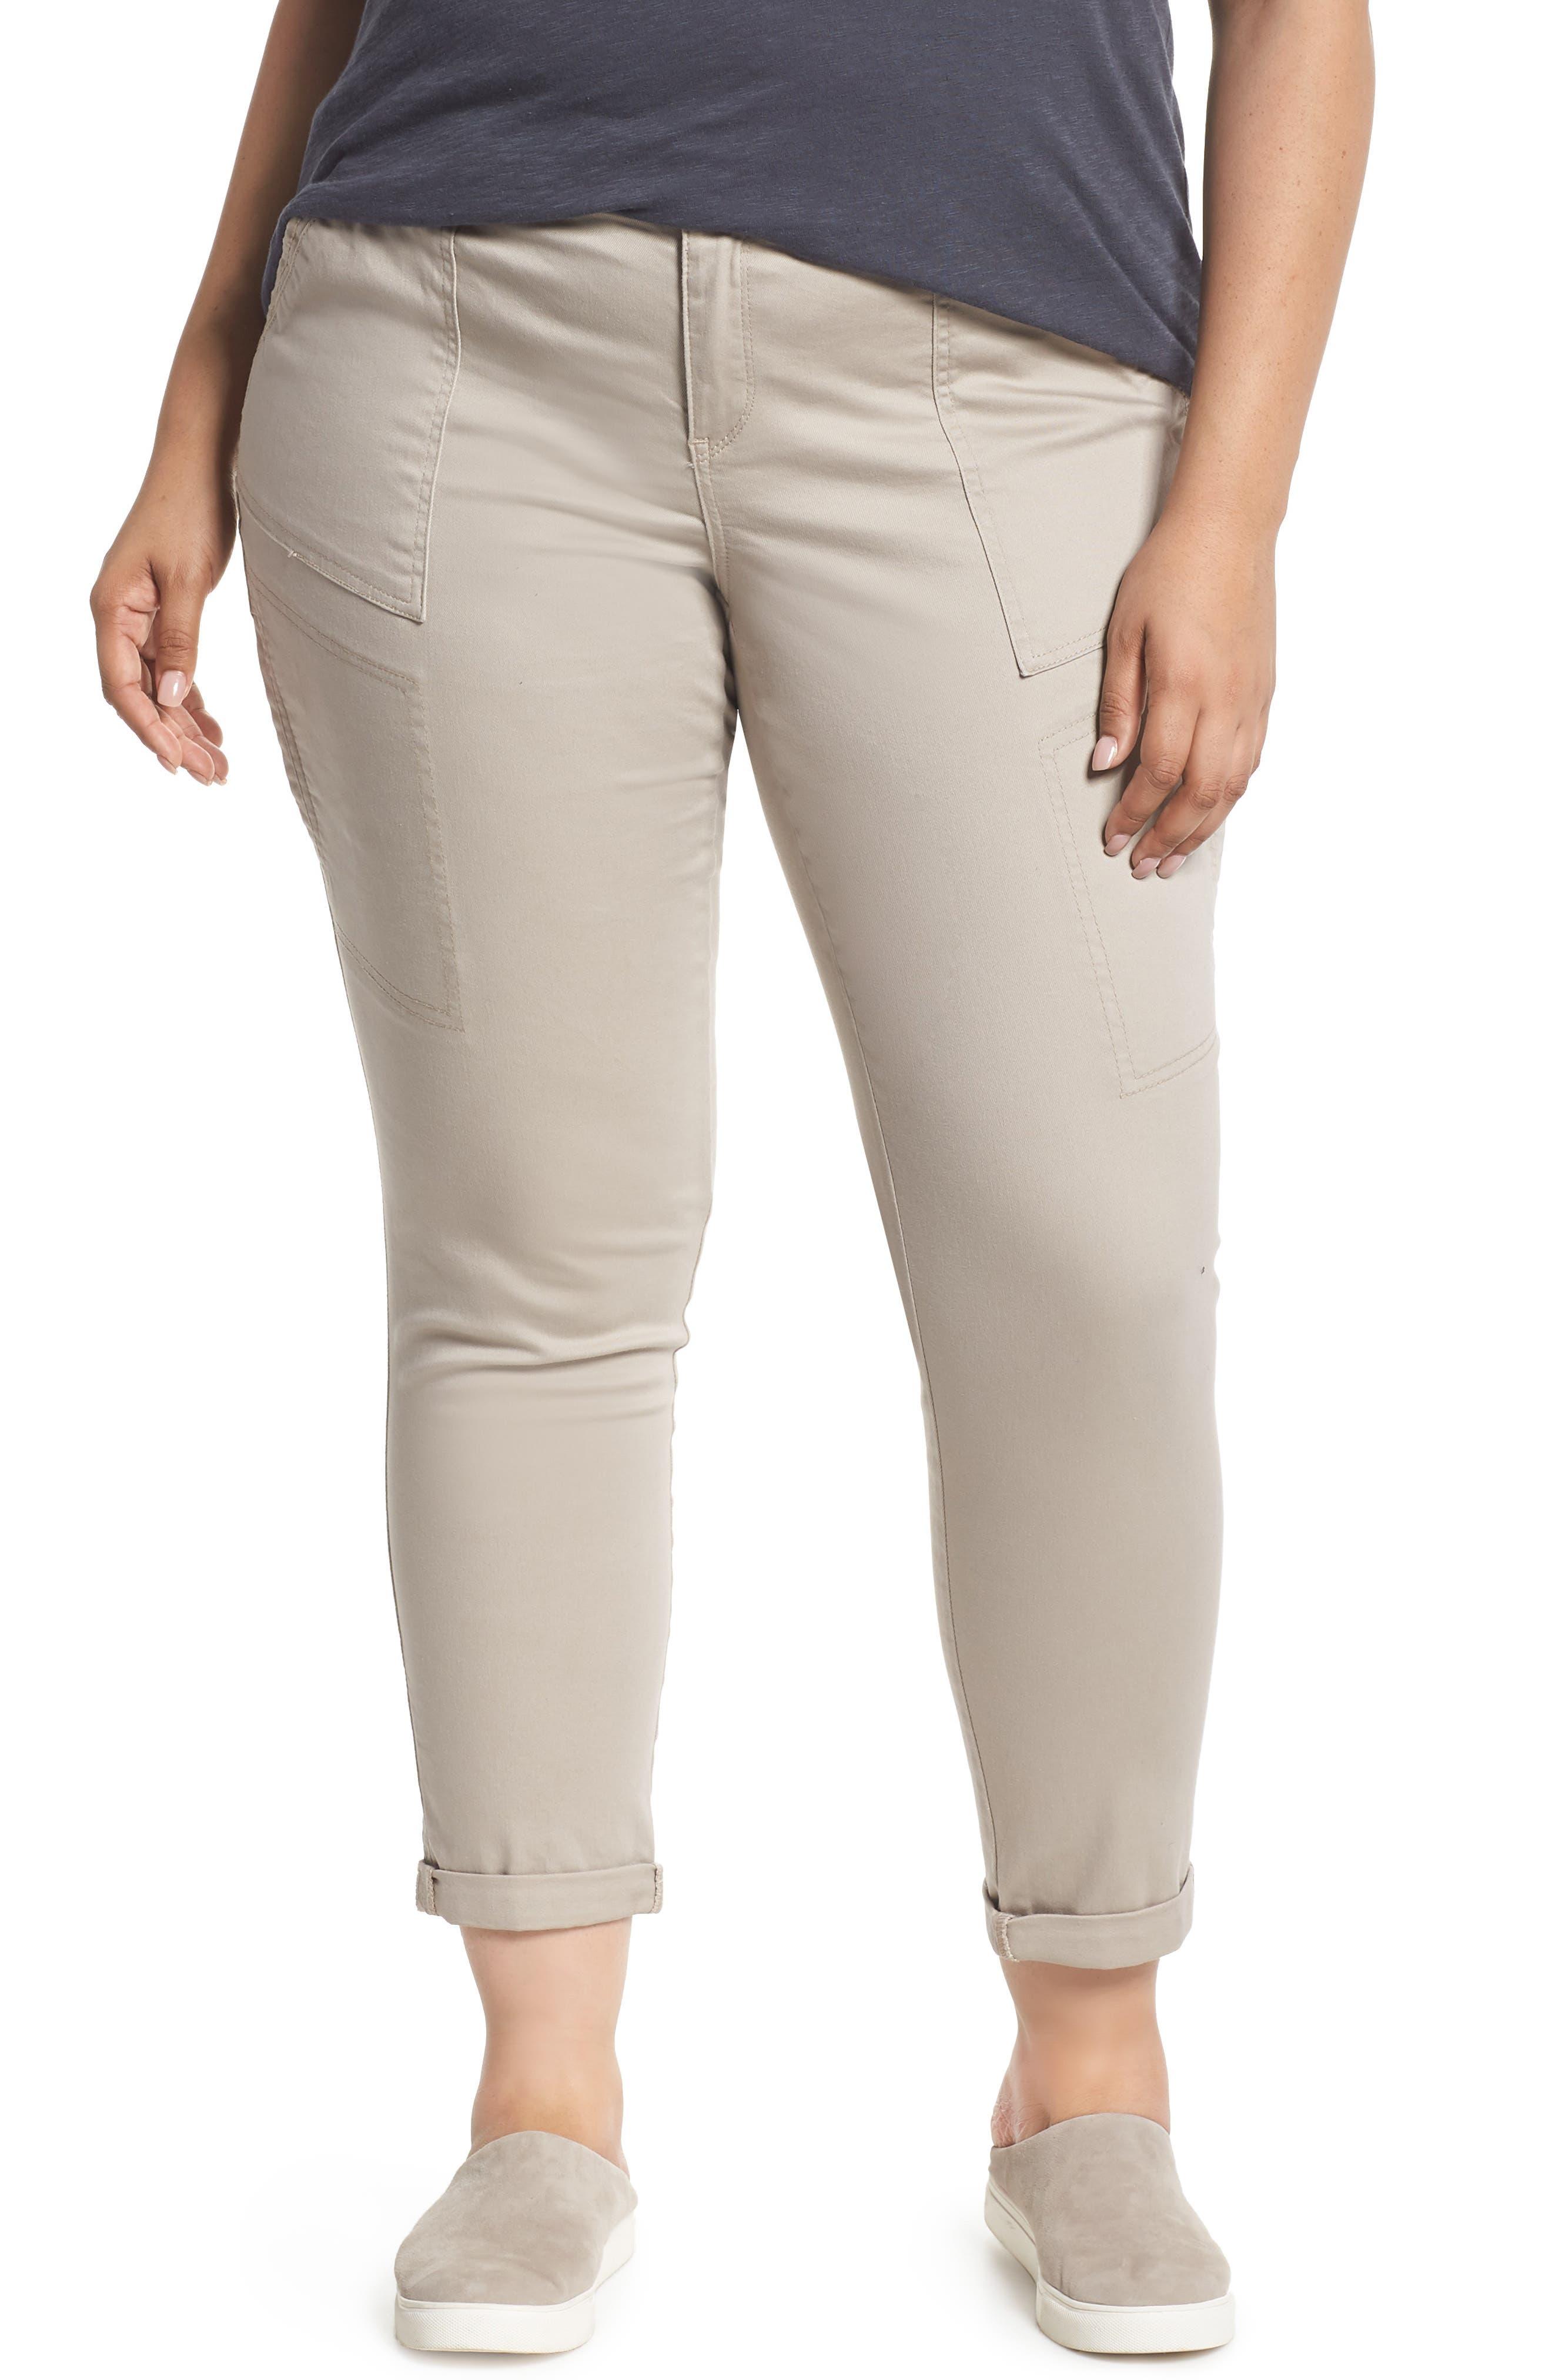 Wit & Wisdom Flex-ellent Stretch Cotton Cargo Pants (Plus Size) (Nordstrom Exclusive)